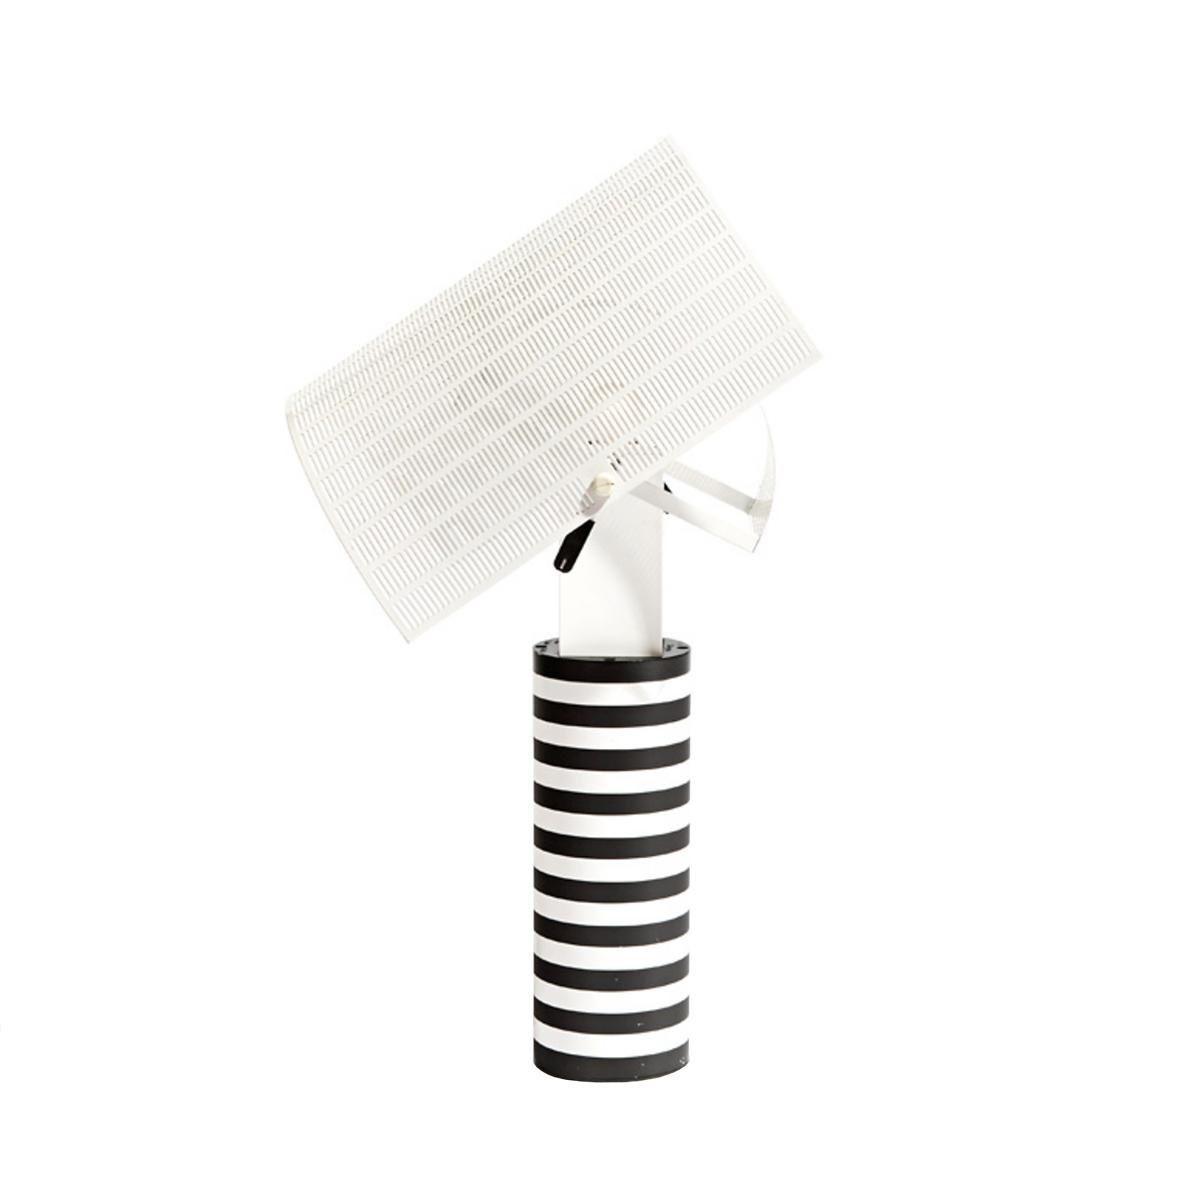 Shogun tavolo table lamp artemide for Lampe de chevet originale pas cher